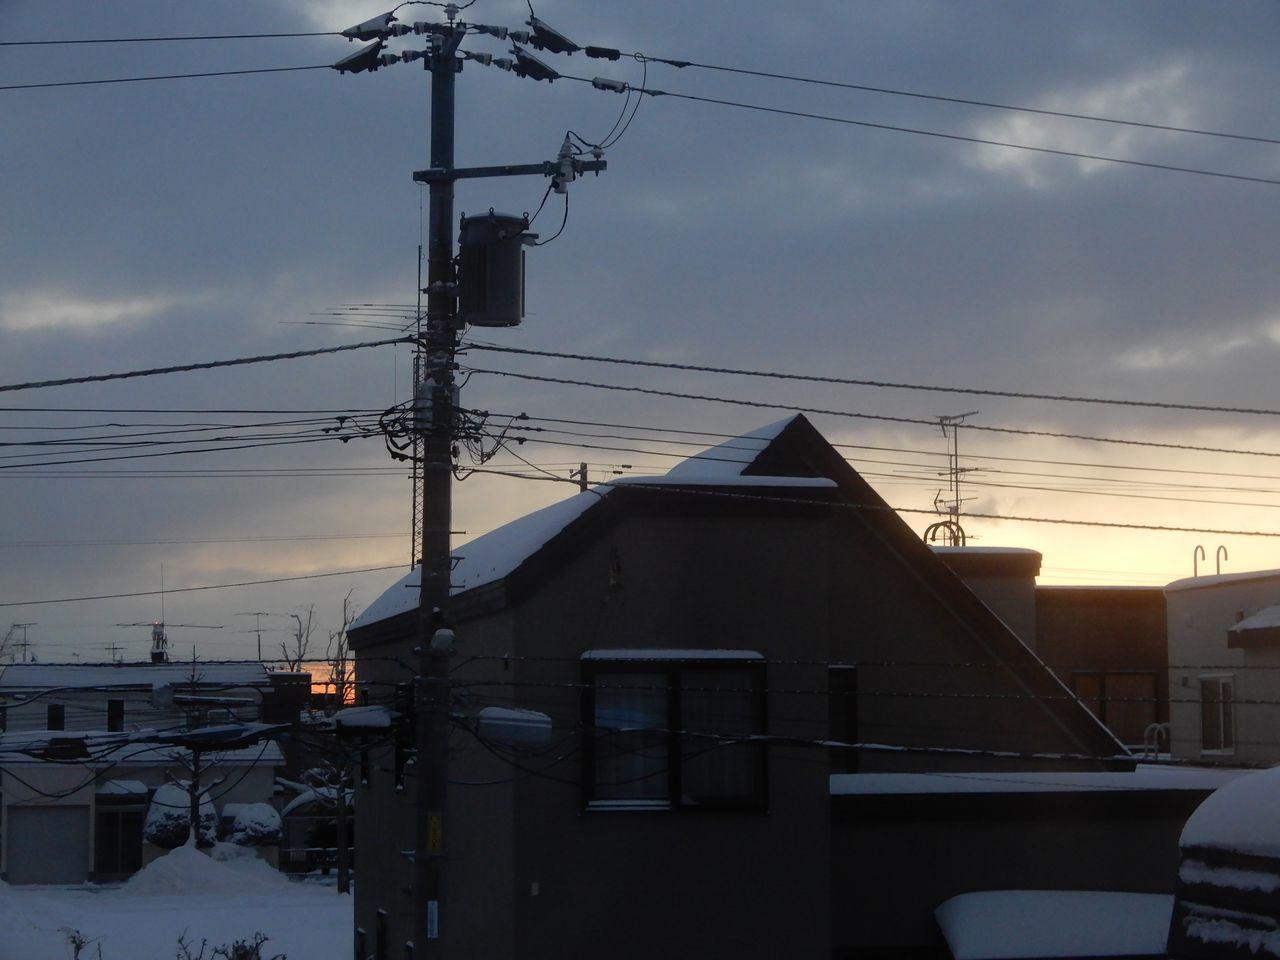 冬至_c0025115_20354924.jpg